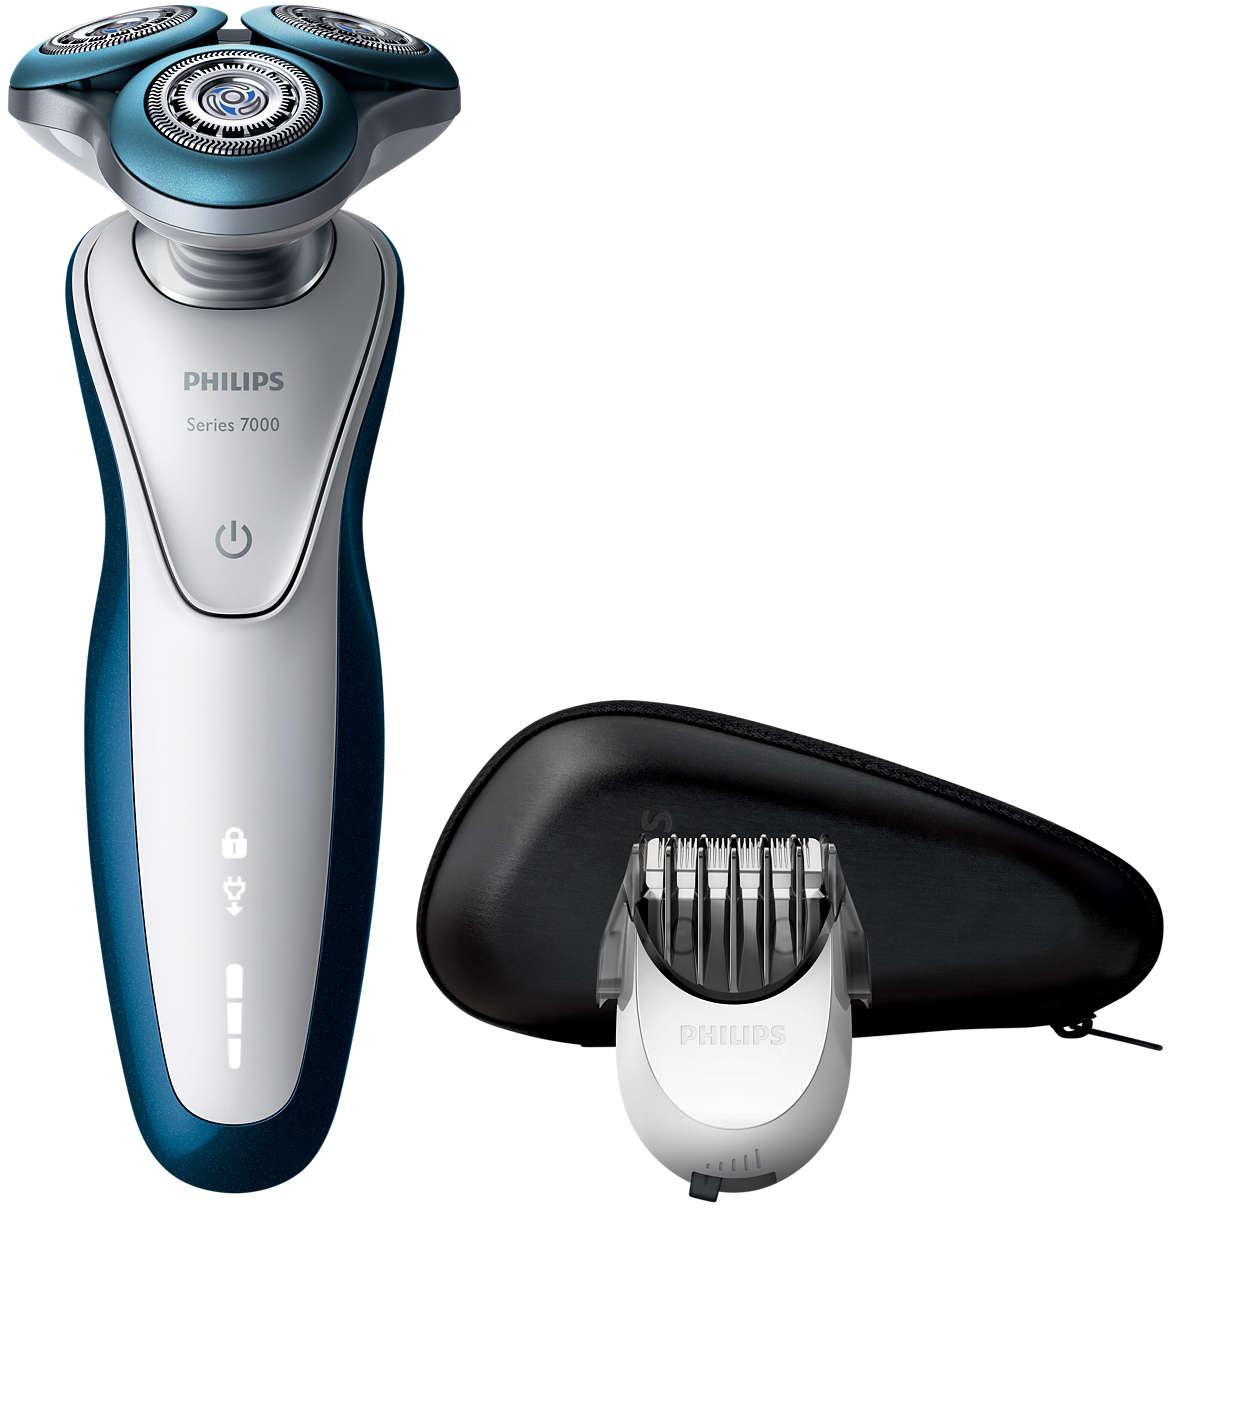 Glider jævnt hen over huden og giver en sensitiv barbering